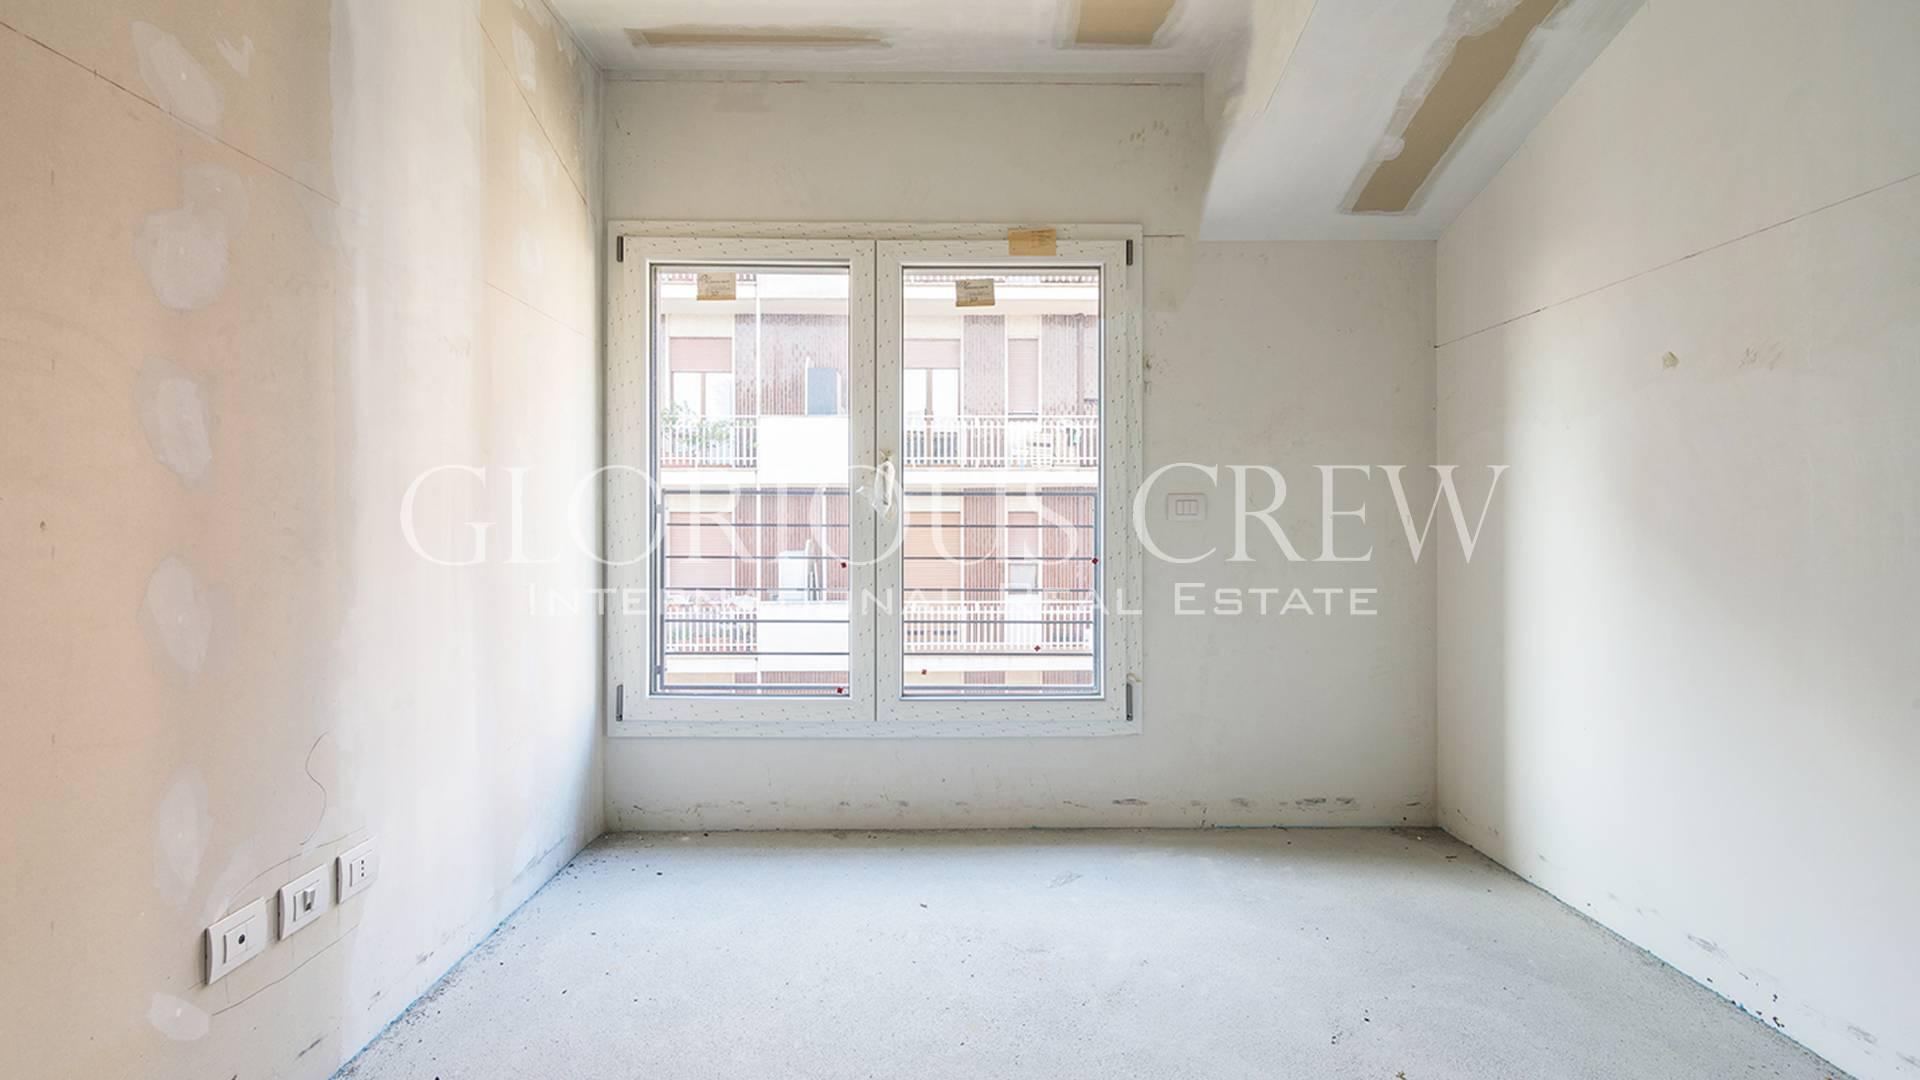 Appartamento in Vendita a Monza: 4 locali, 149 mq - Foto 20